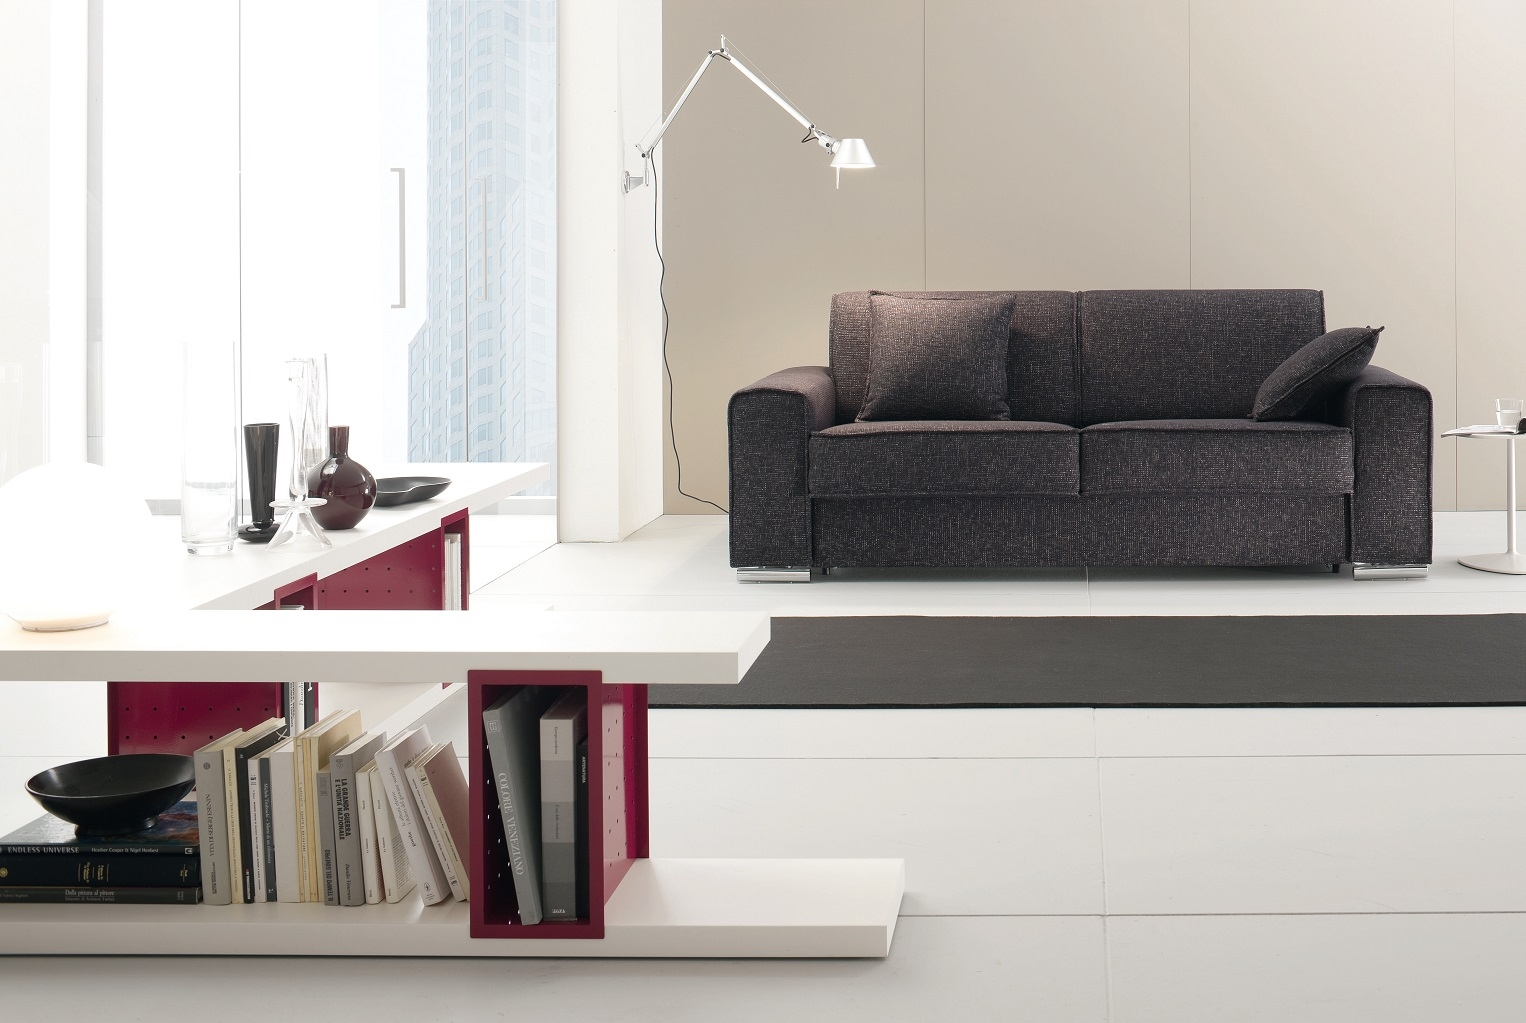 Offerta divano letto brio divani a prezzi scontati for Divano letto prezzi